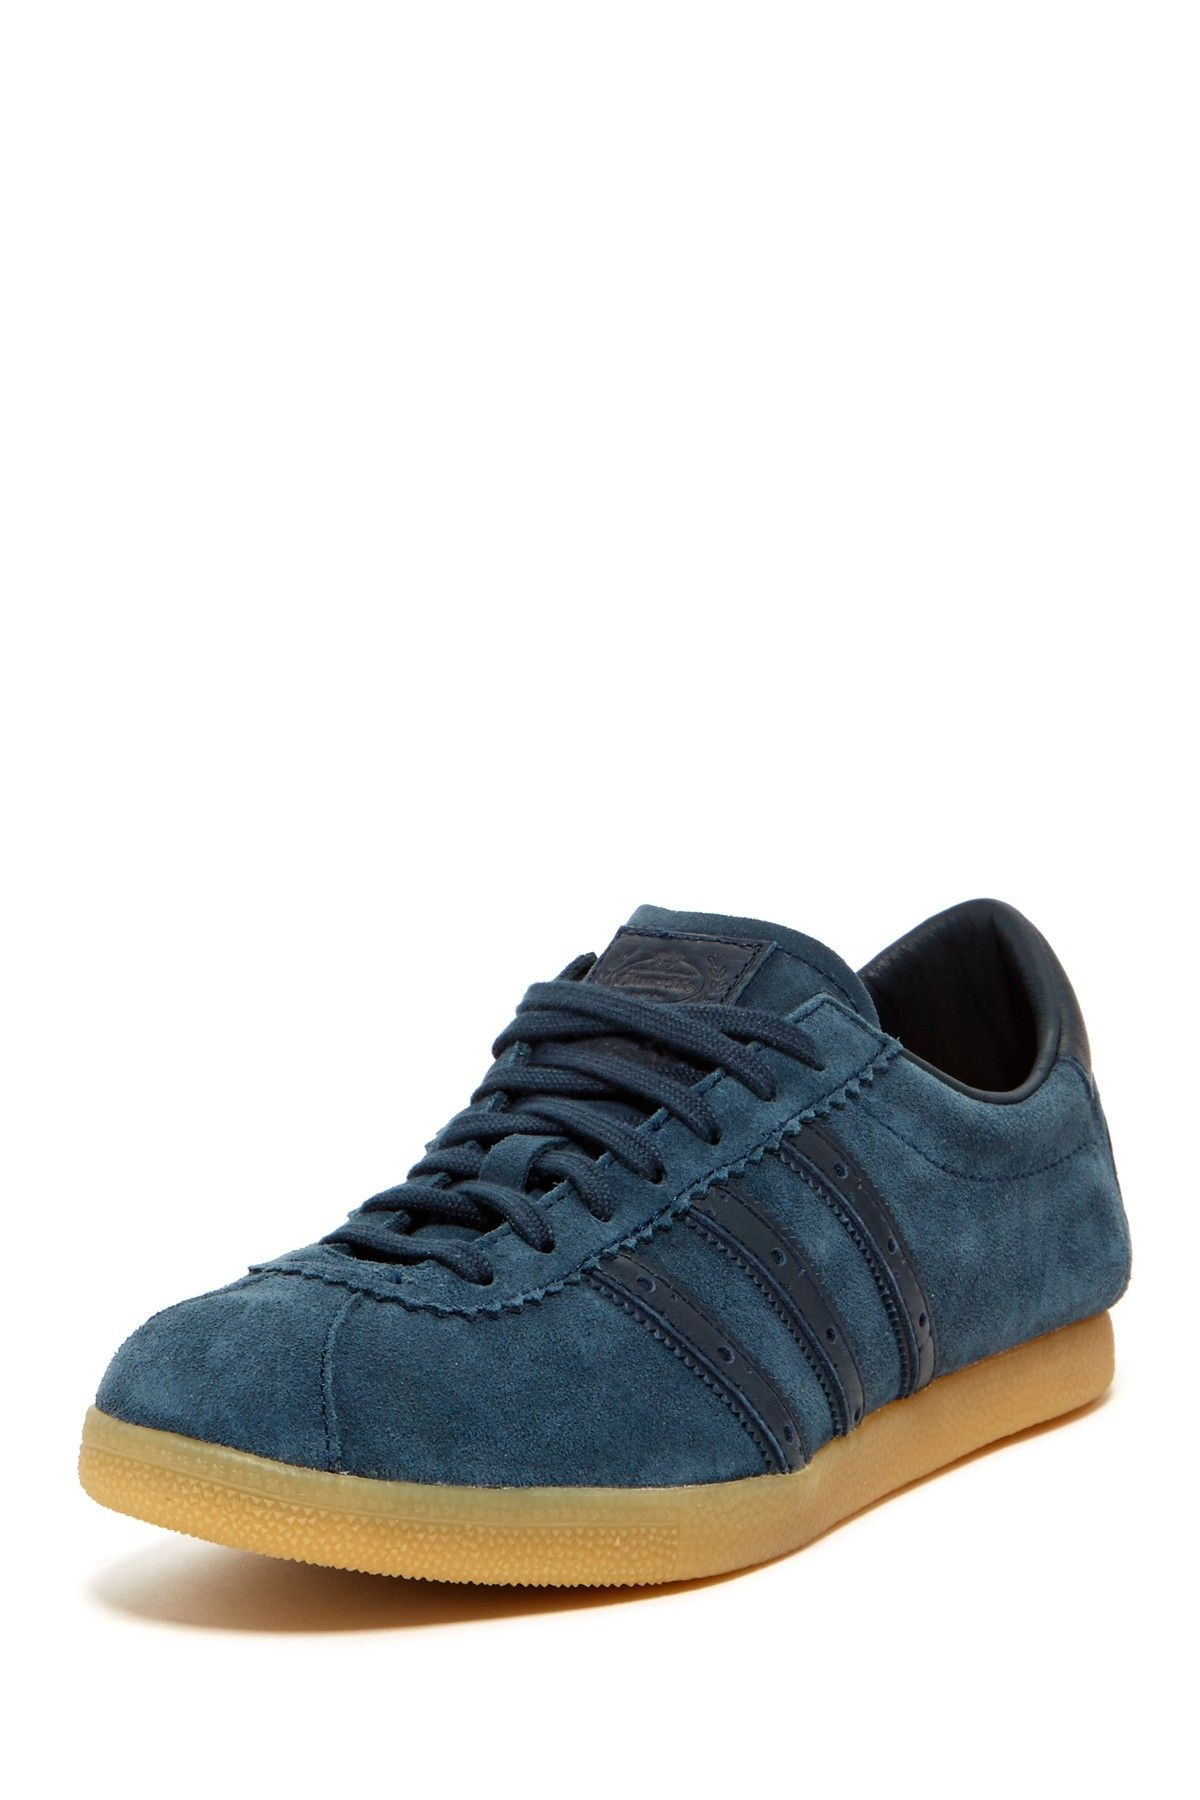 Adidas London Church's Sneaker on HauteLook